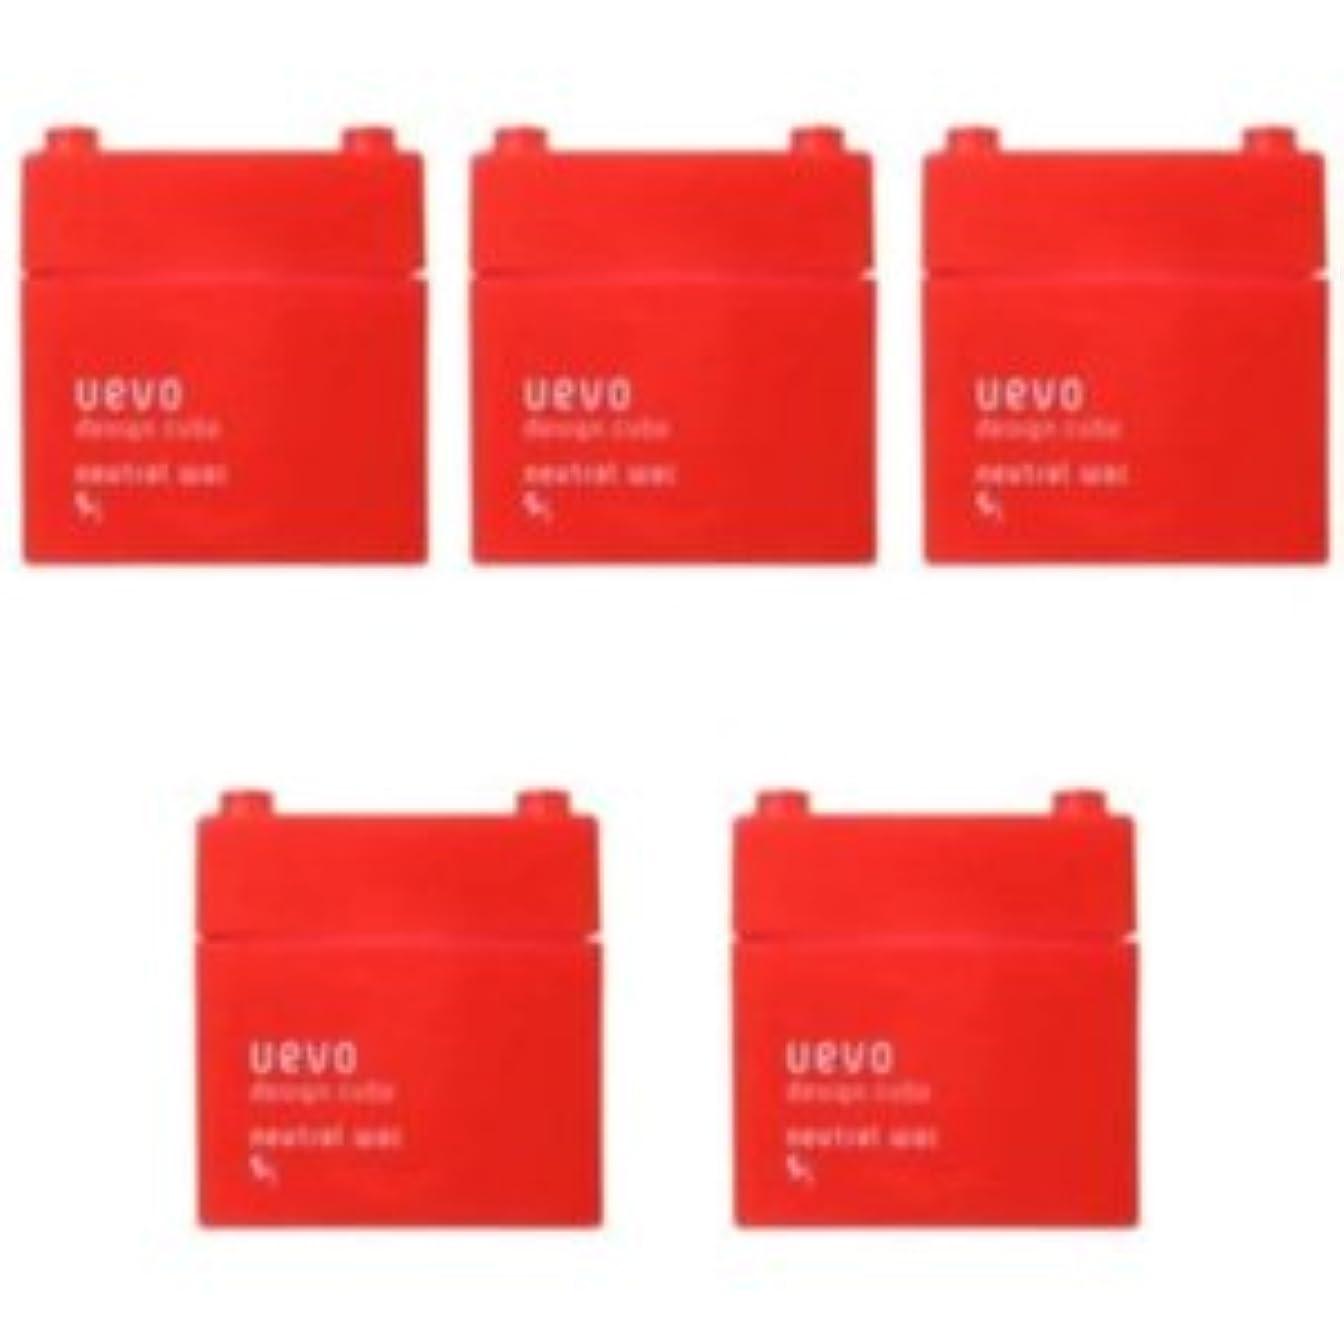 動機付けるもろい案件【X5個セット】 デミ ウェーボ デザインキューブ ニュートラルワックス 80g neutral wax DEMI uevo design cube